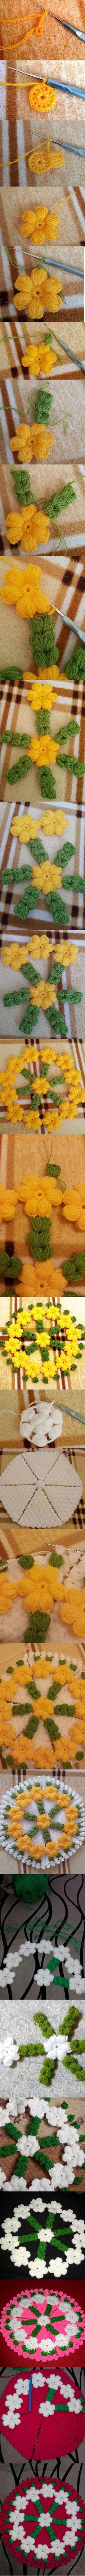 Crochet for Bathroom